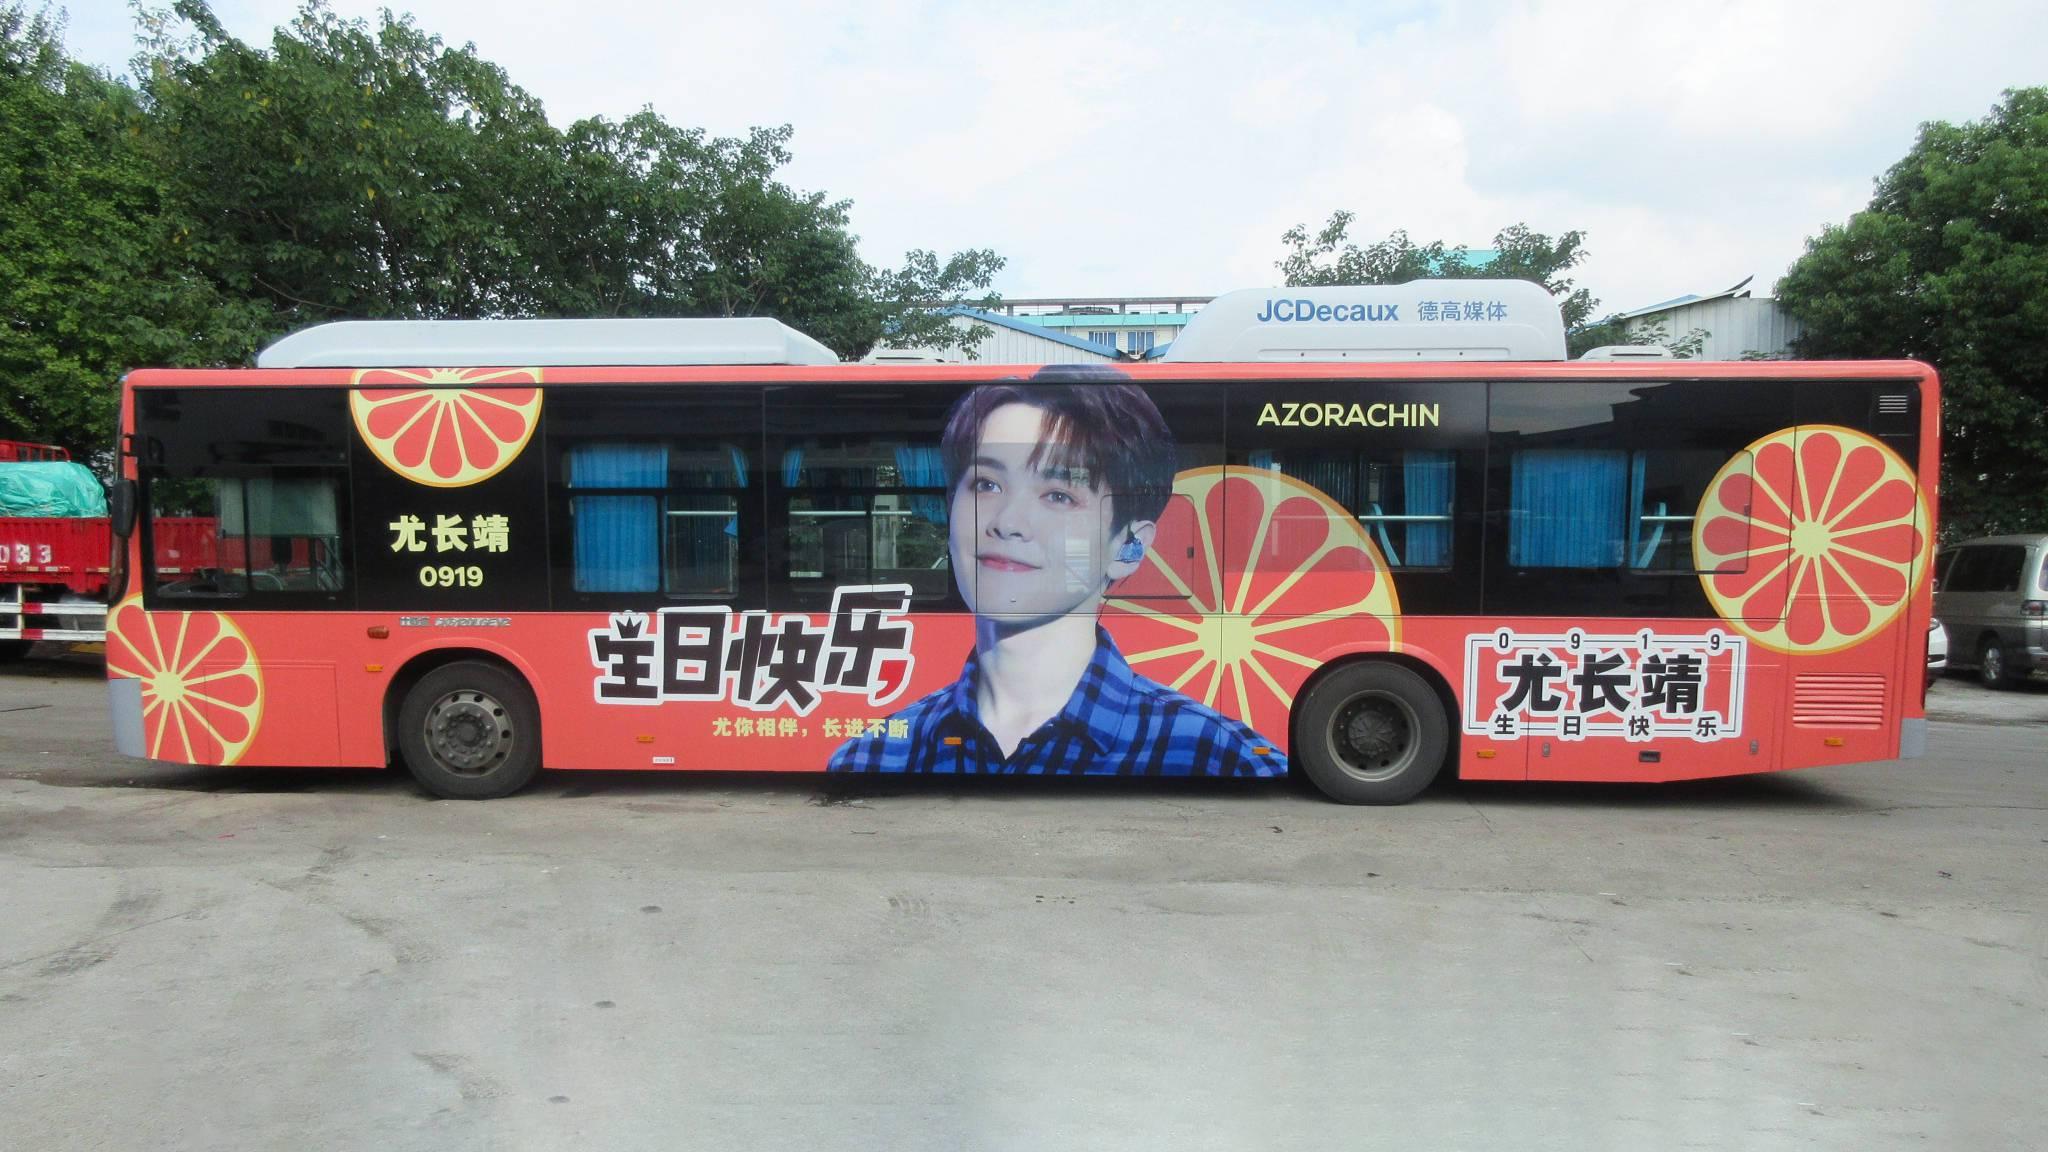 粉丝集资30万为偶像承包公交车广告 年轻乘客涨1成